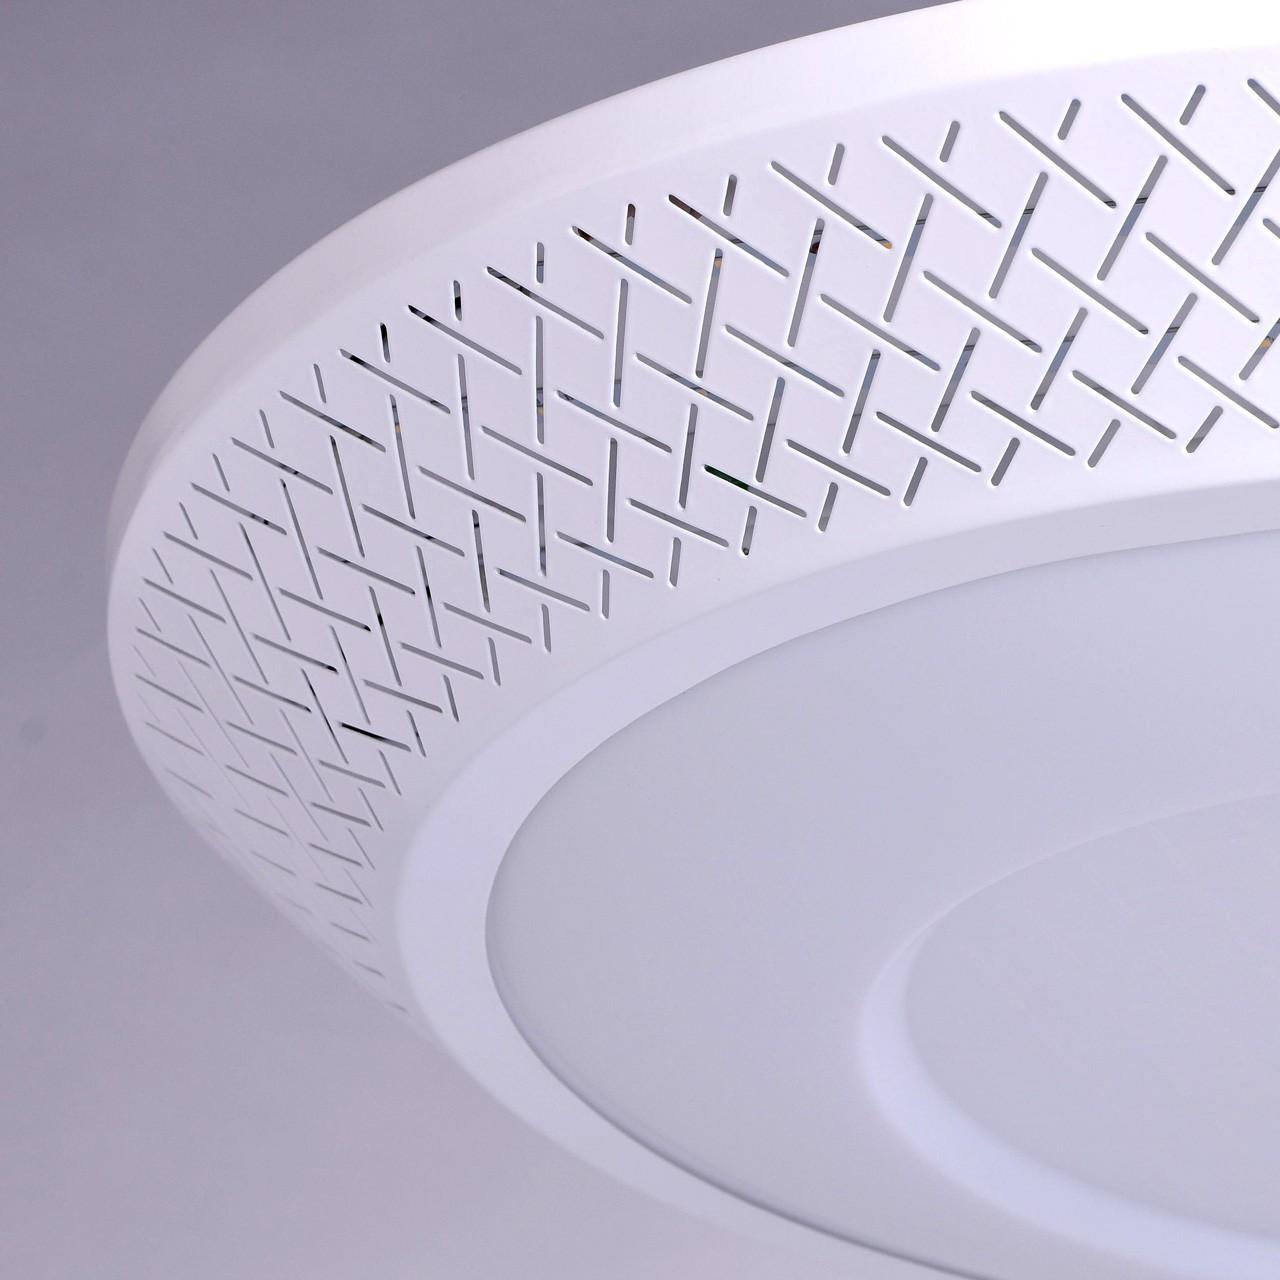 Светодиодные люстры - как выбрать с пультом управления, потолочную, хрустальную или плоскую